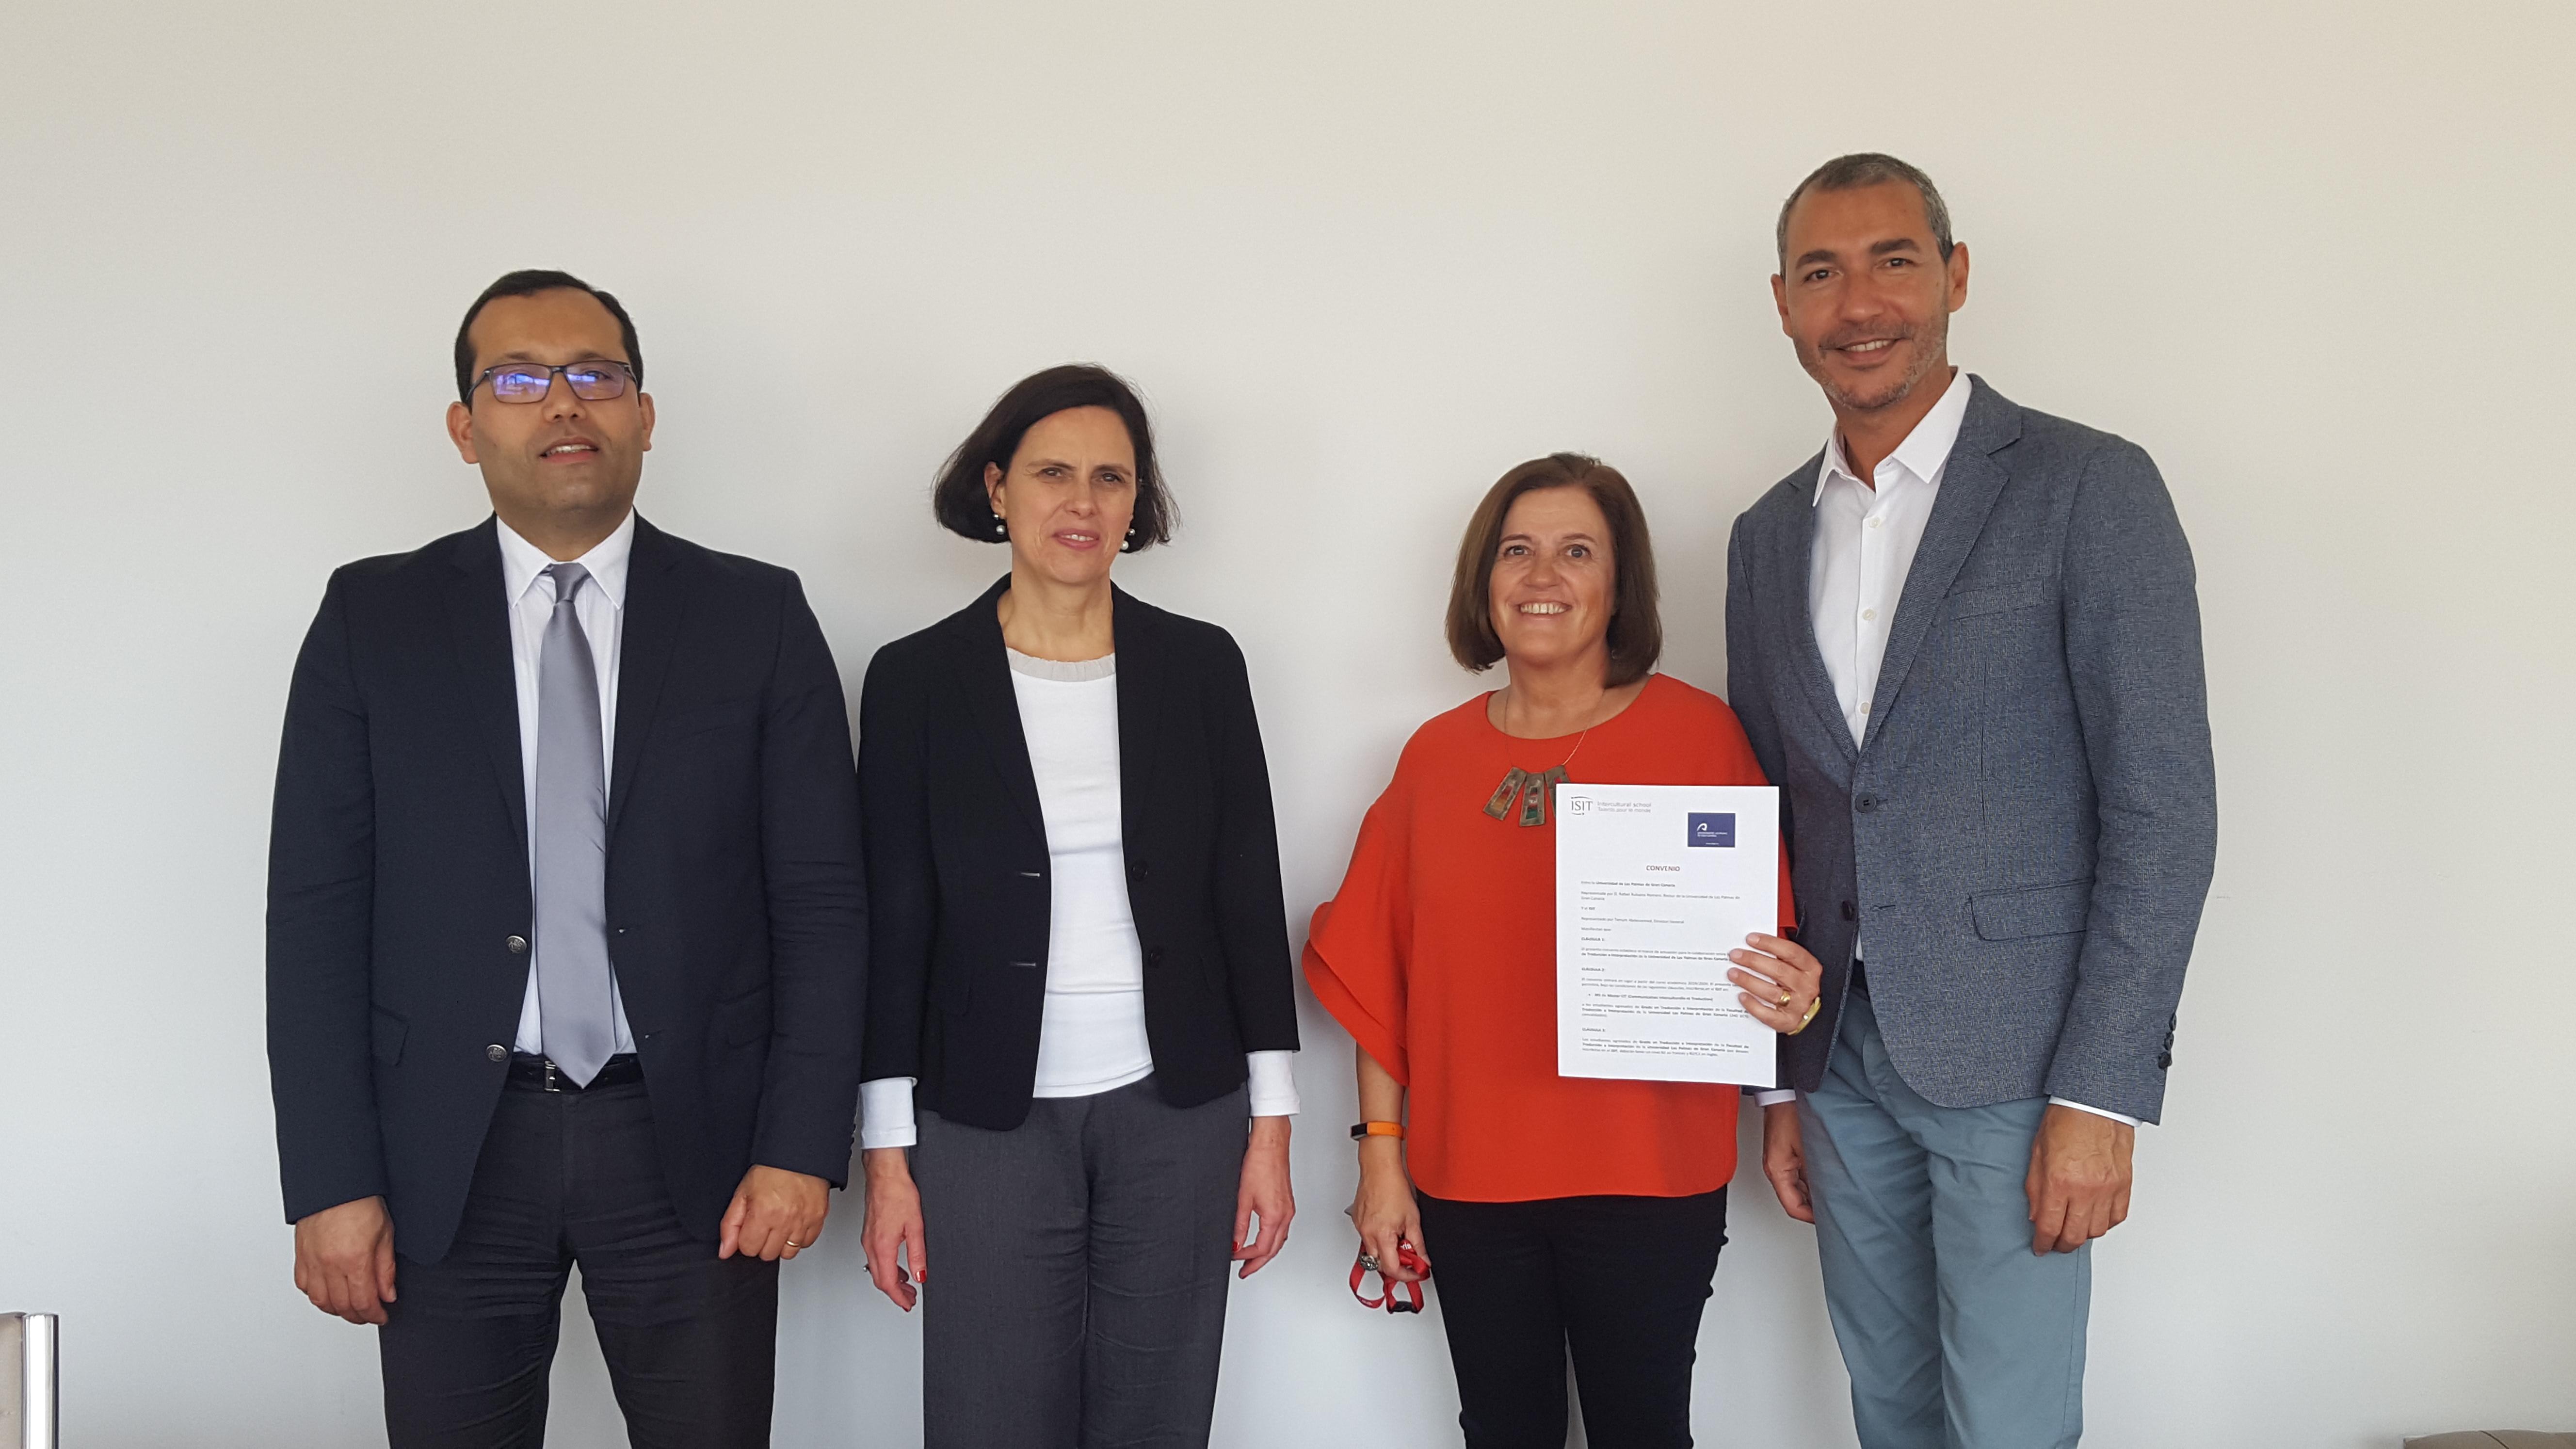 Nouvelle convention : partenariat avec l'ULPGC